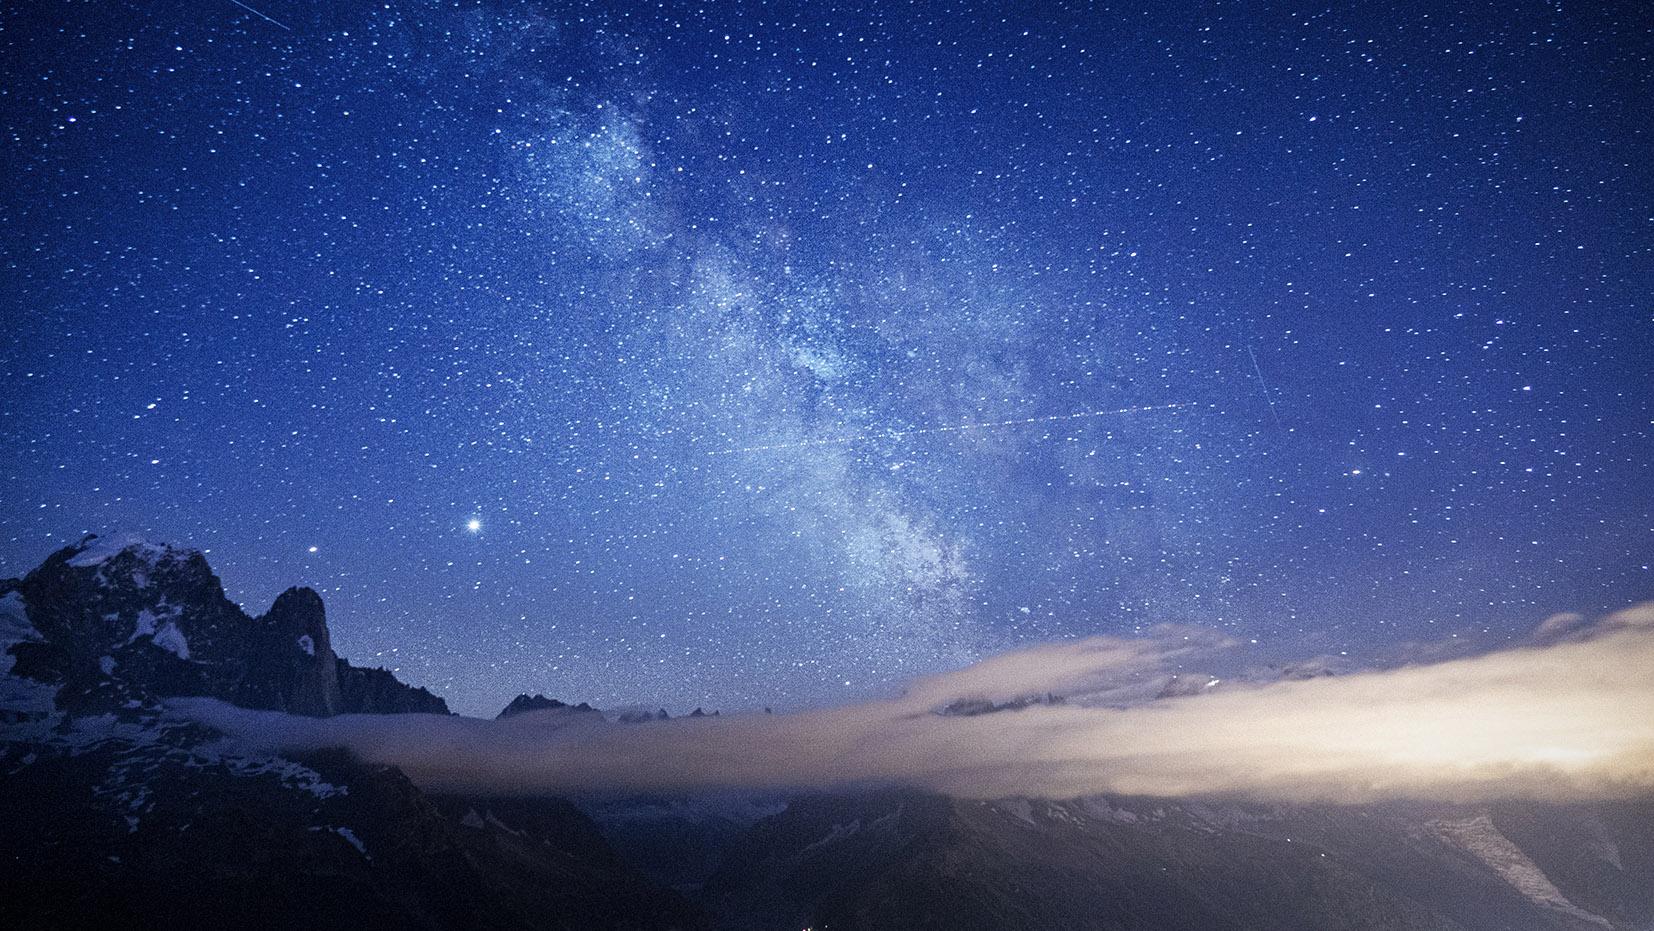 Etoiles voies lactée lac de Cheserys nuit montagnes